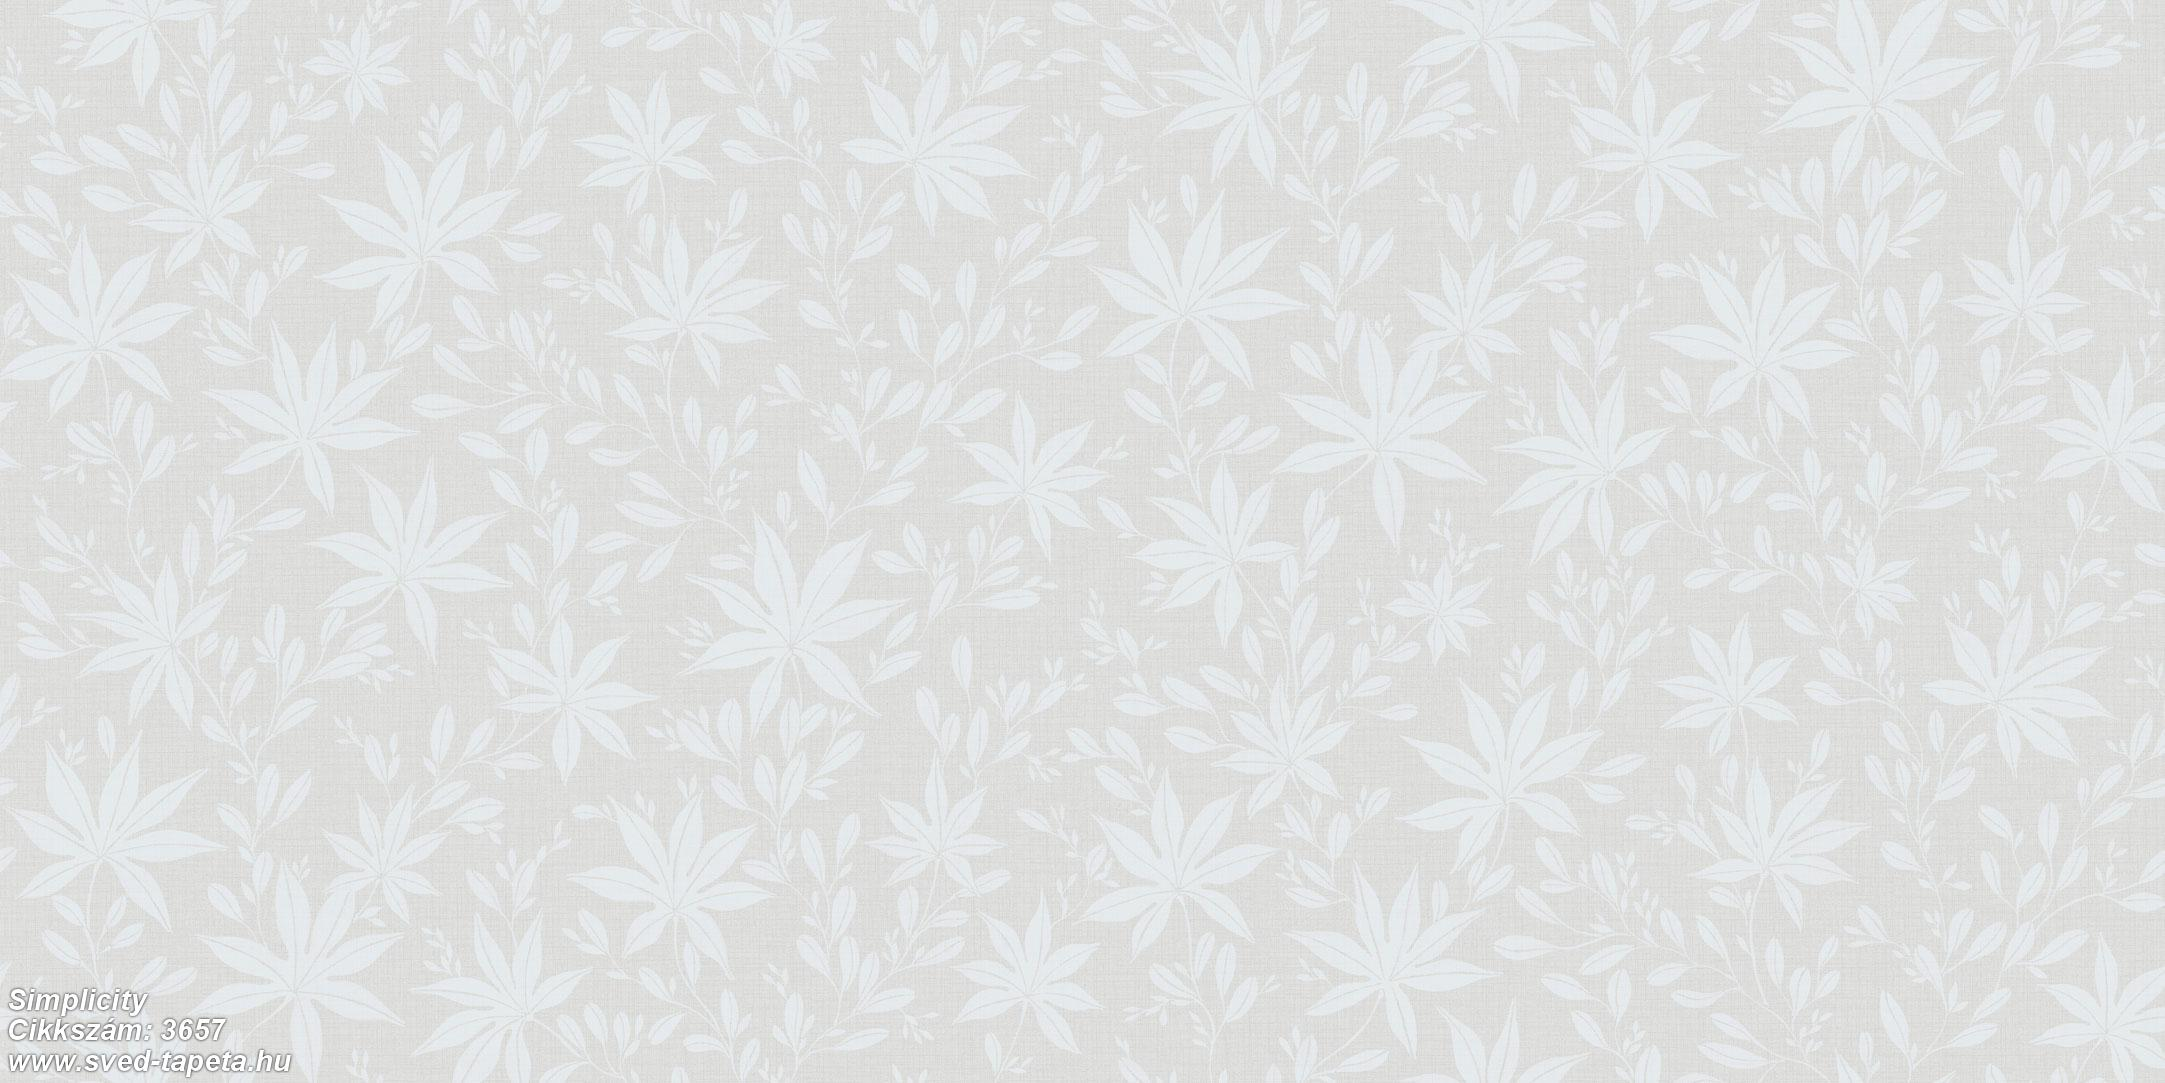 Simplicity 3657 cikkszámú svéd ECOgyártmányú designtapéta